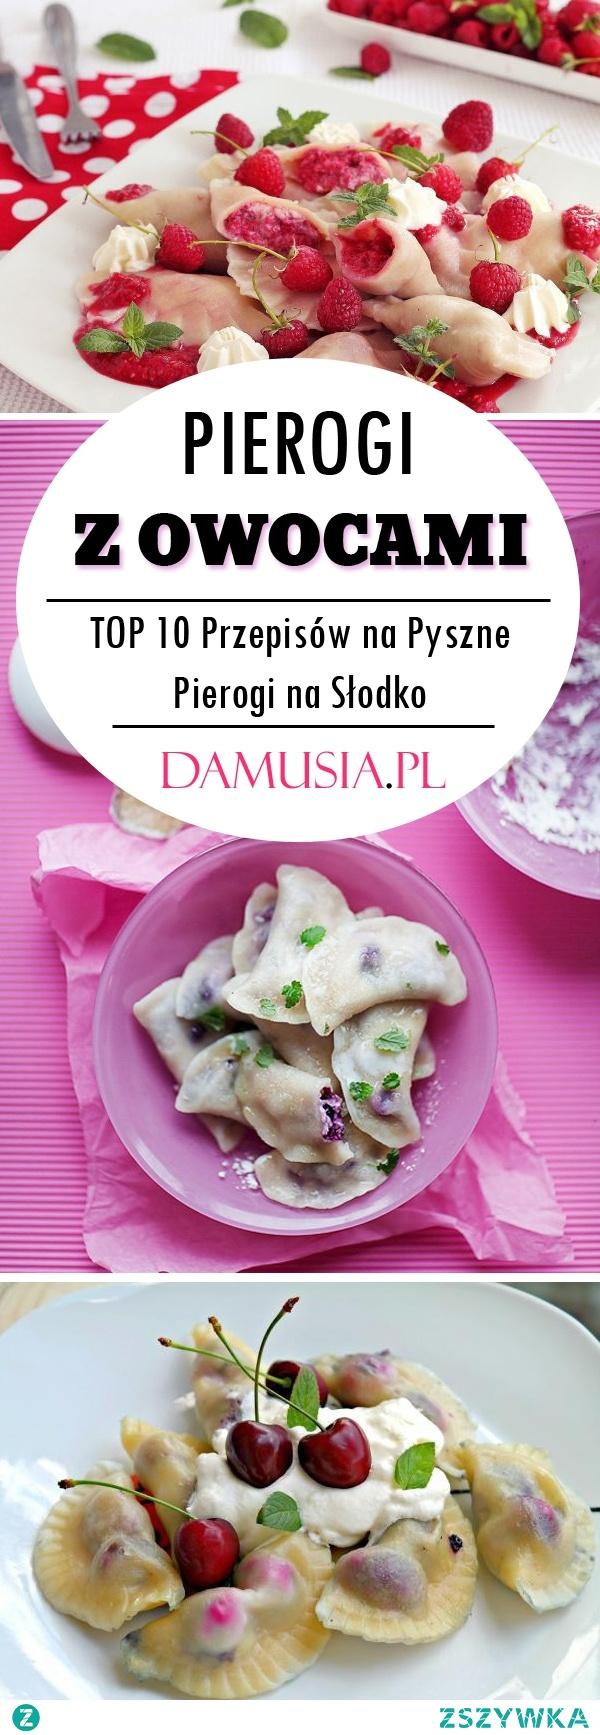 Pierogi z Owocami – TOP 10 Pysznych Przepisów na Pierogi na Słodko